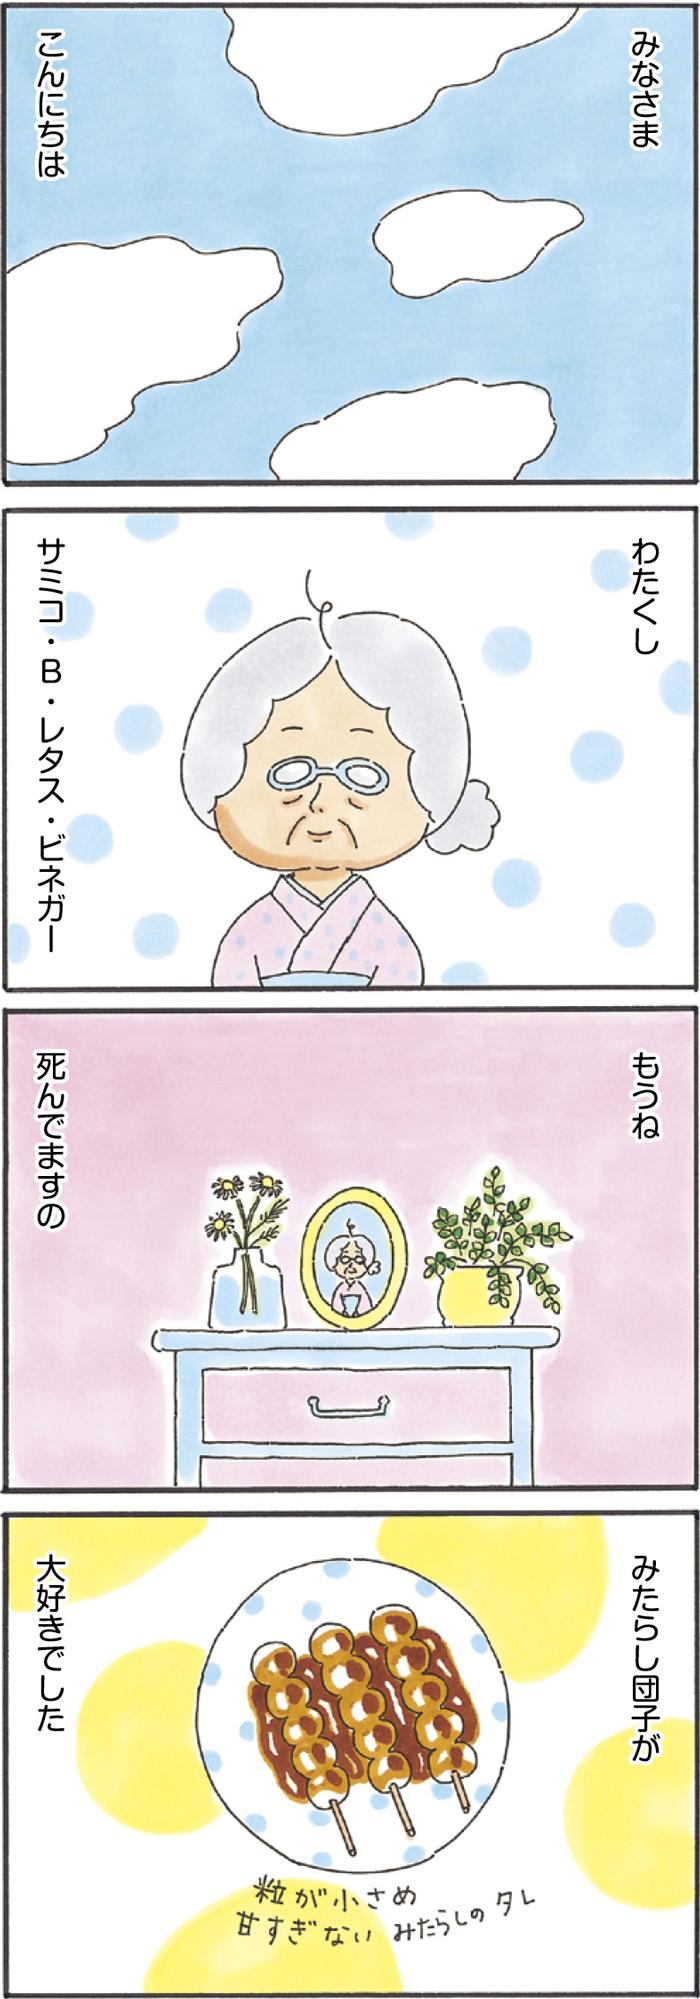 『スキップするように生きていきたい』3人家族+天国のおばあちゃんの物語の画像1